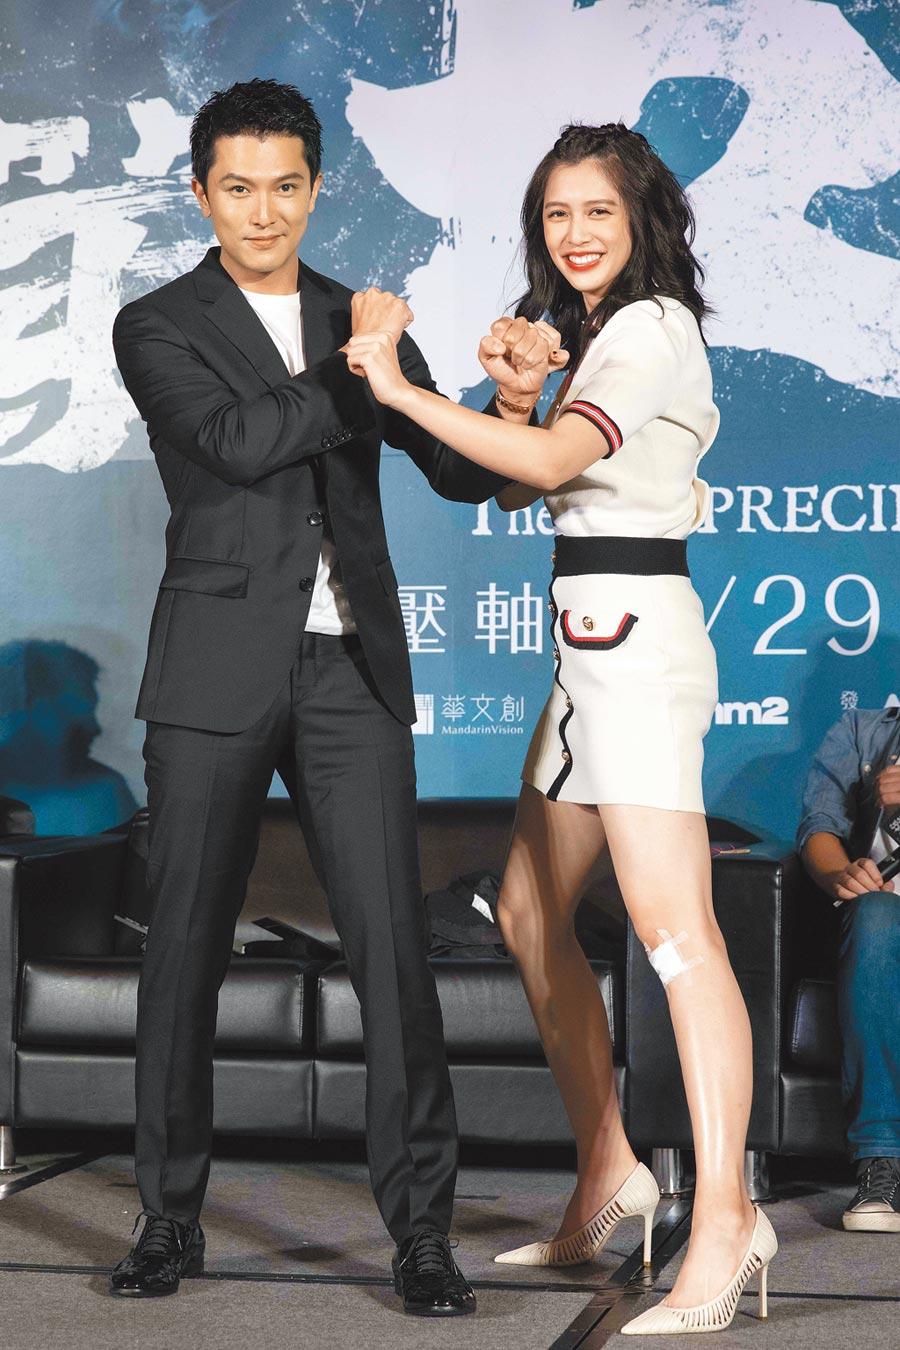 邱澤(左)跟劉奕兒在片中除了破鬼案,還有刺激打戲。